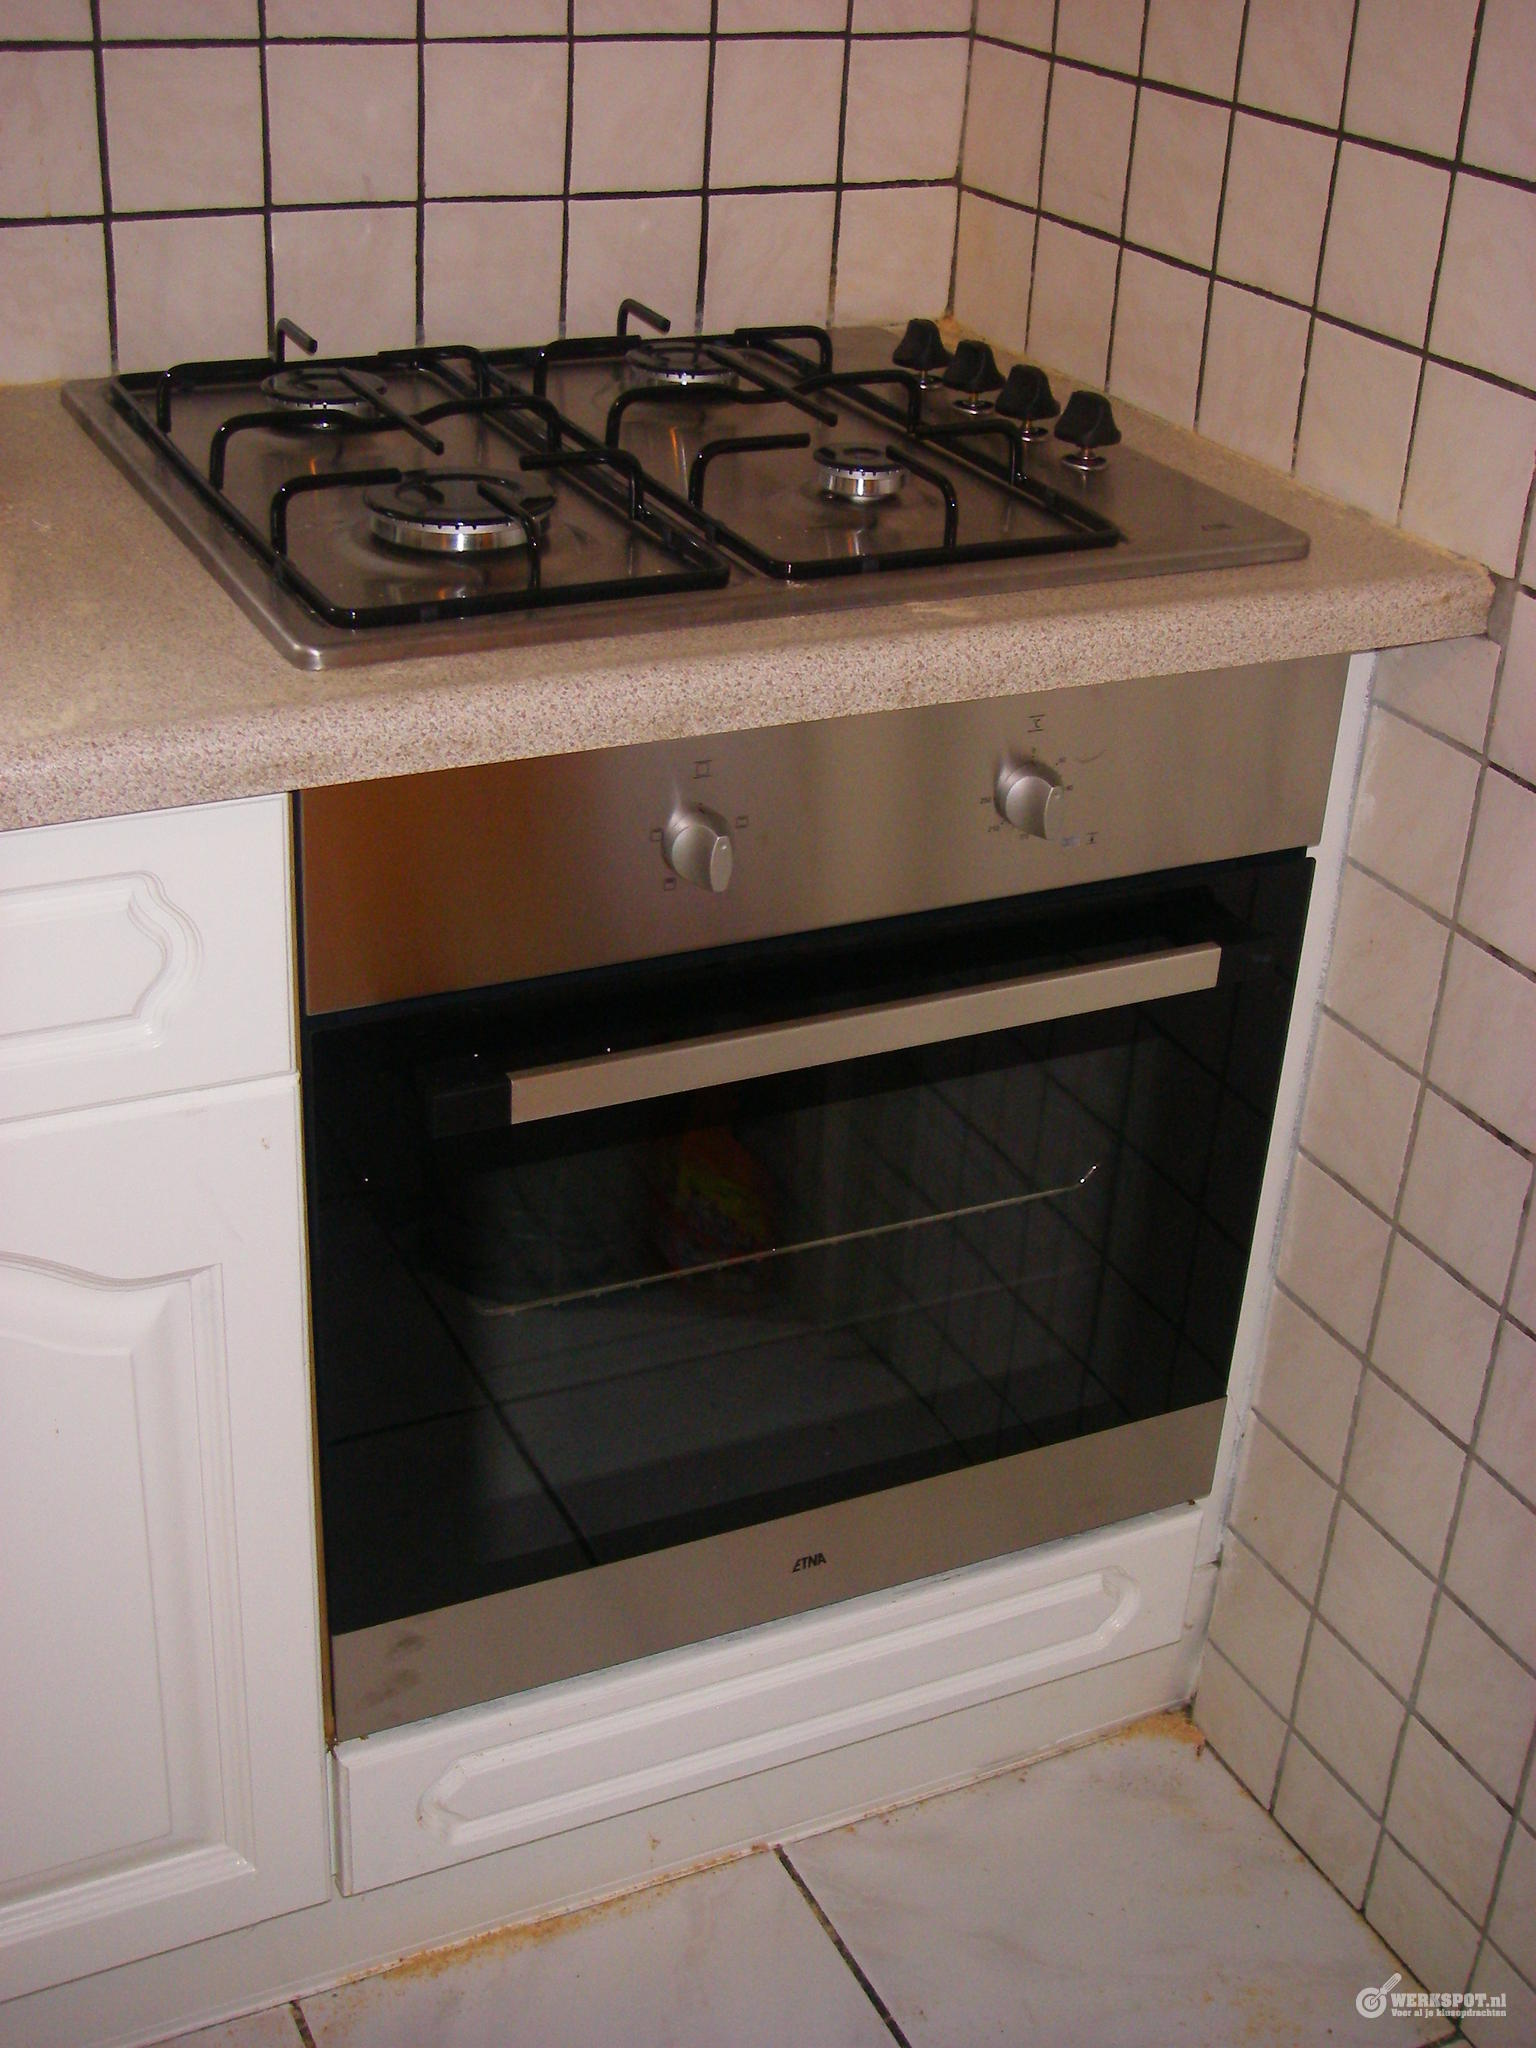 Fonkelnieuw Vervangen inbouw oven met daarop inbouw kookplaat in aanrecht PI-46